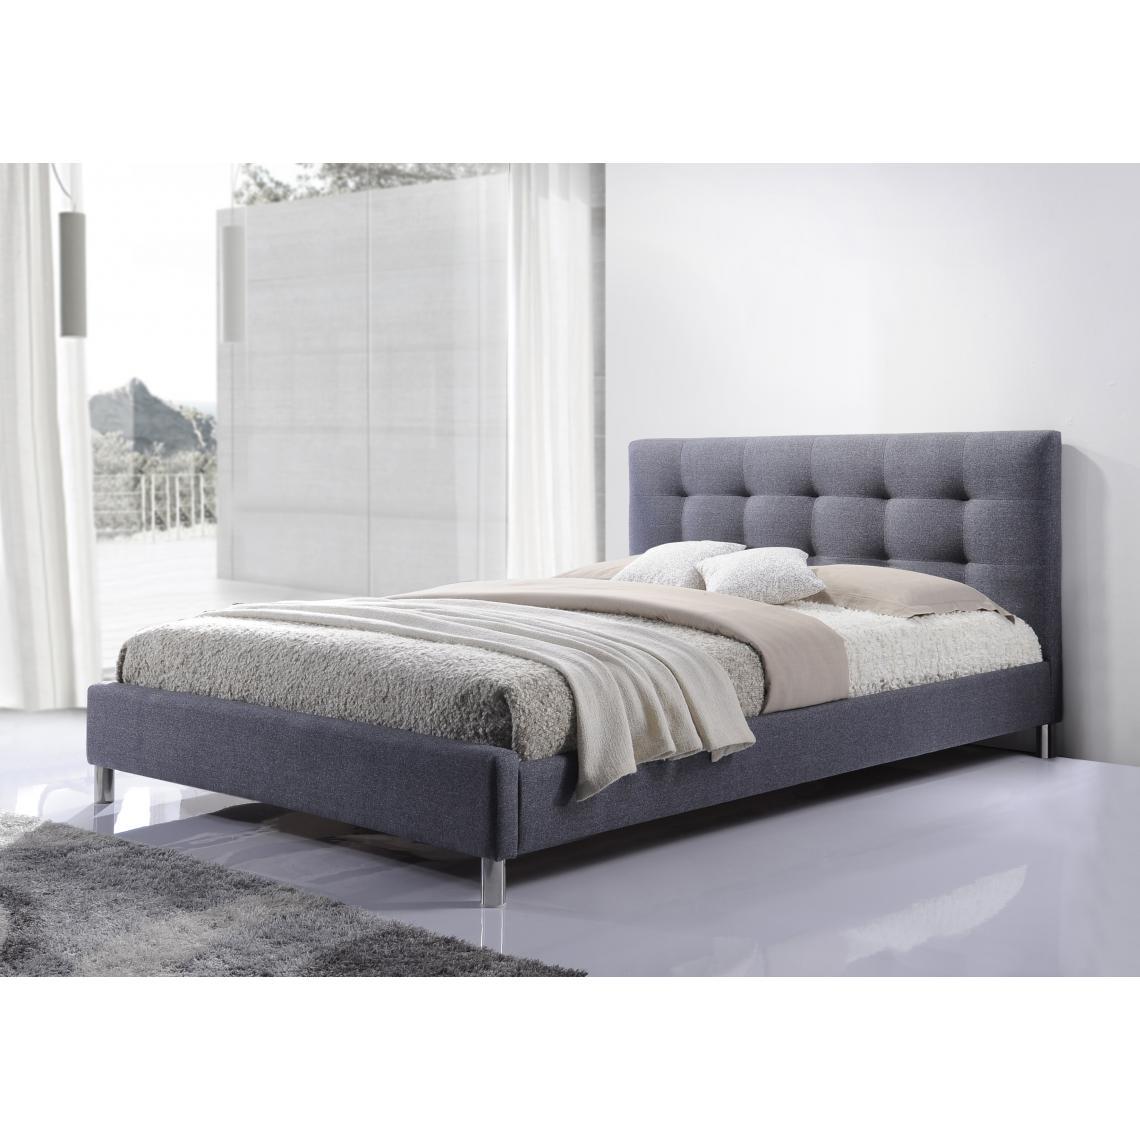 Porte En Tete De Lit lit gris tissu avec tête de lit capitonné 160 nala 1 avis plus de détails